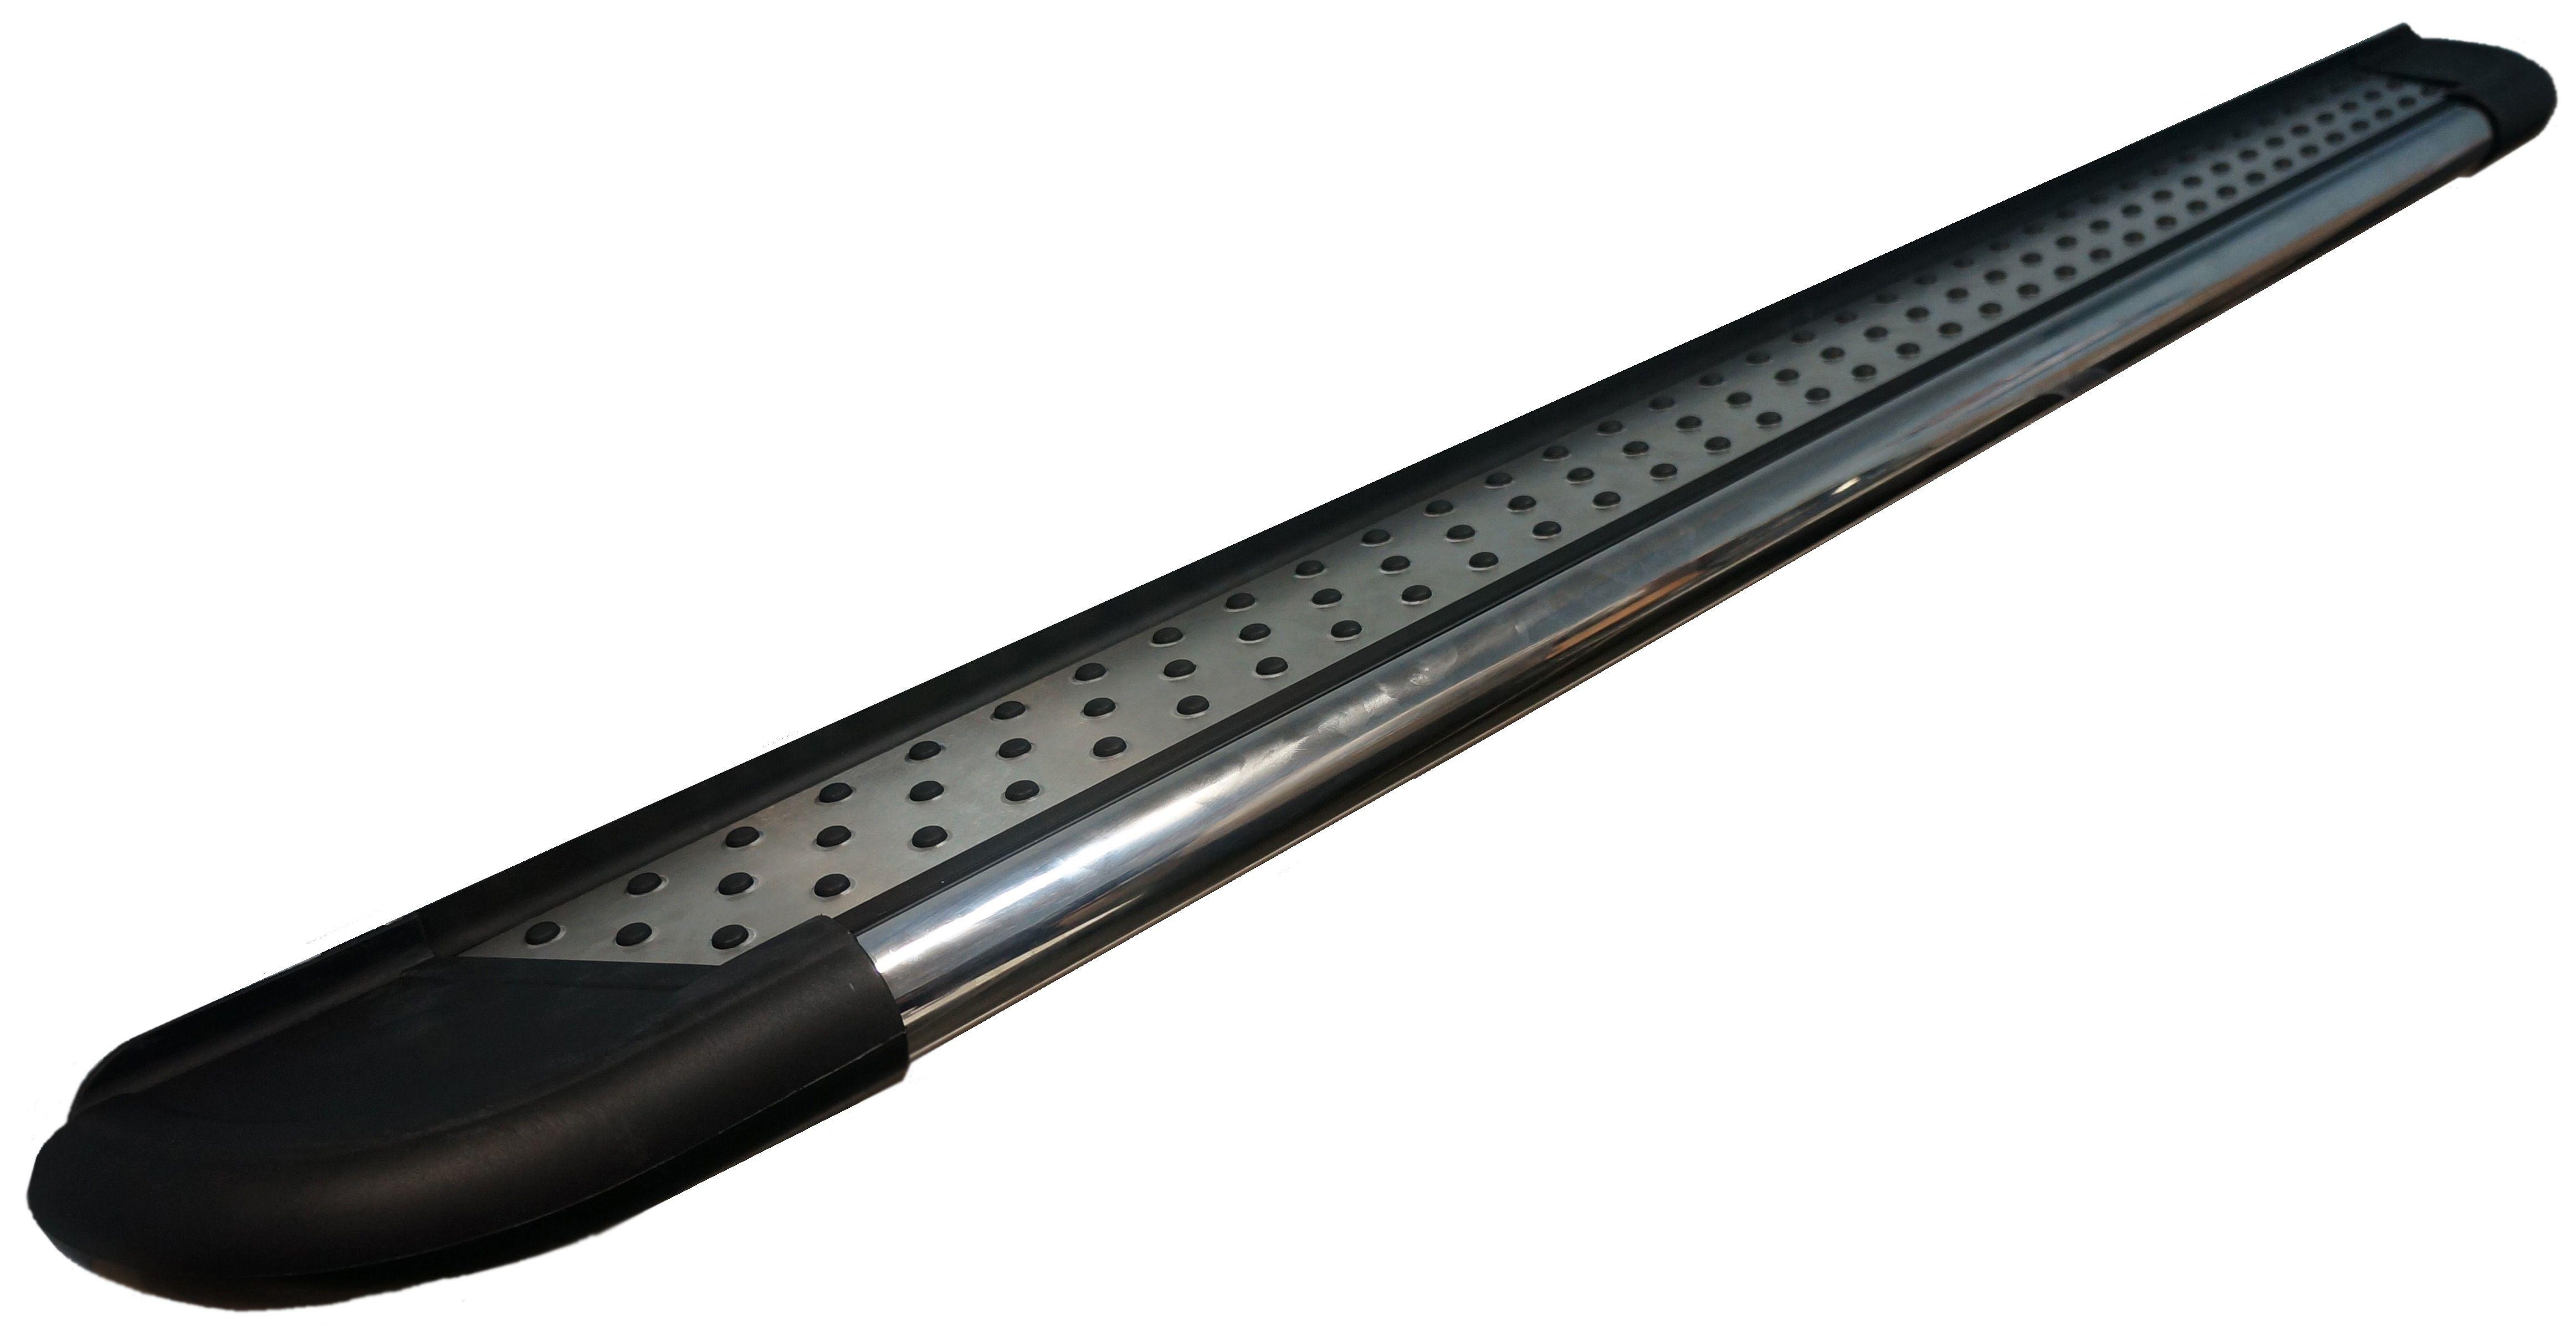 Пороги CAN OTOMOTIV алюминиевые (Topaz) Nissan Qashqai (Ниссан Кашкай) (2006-2014) от Ravta